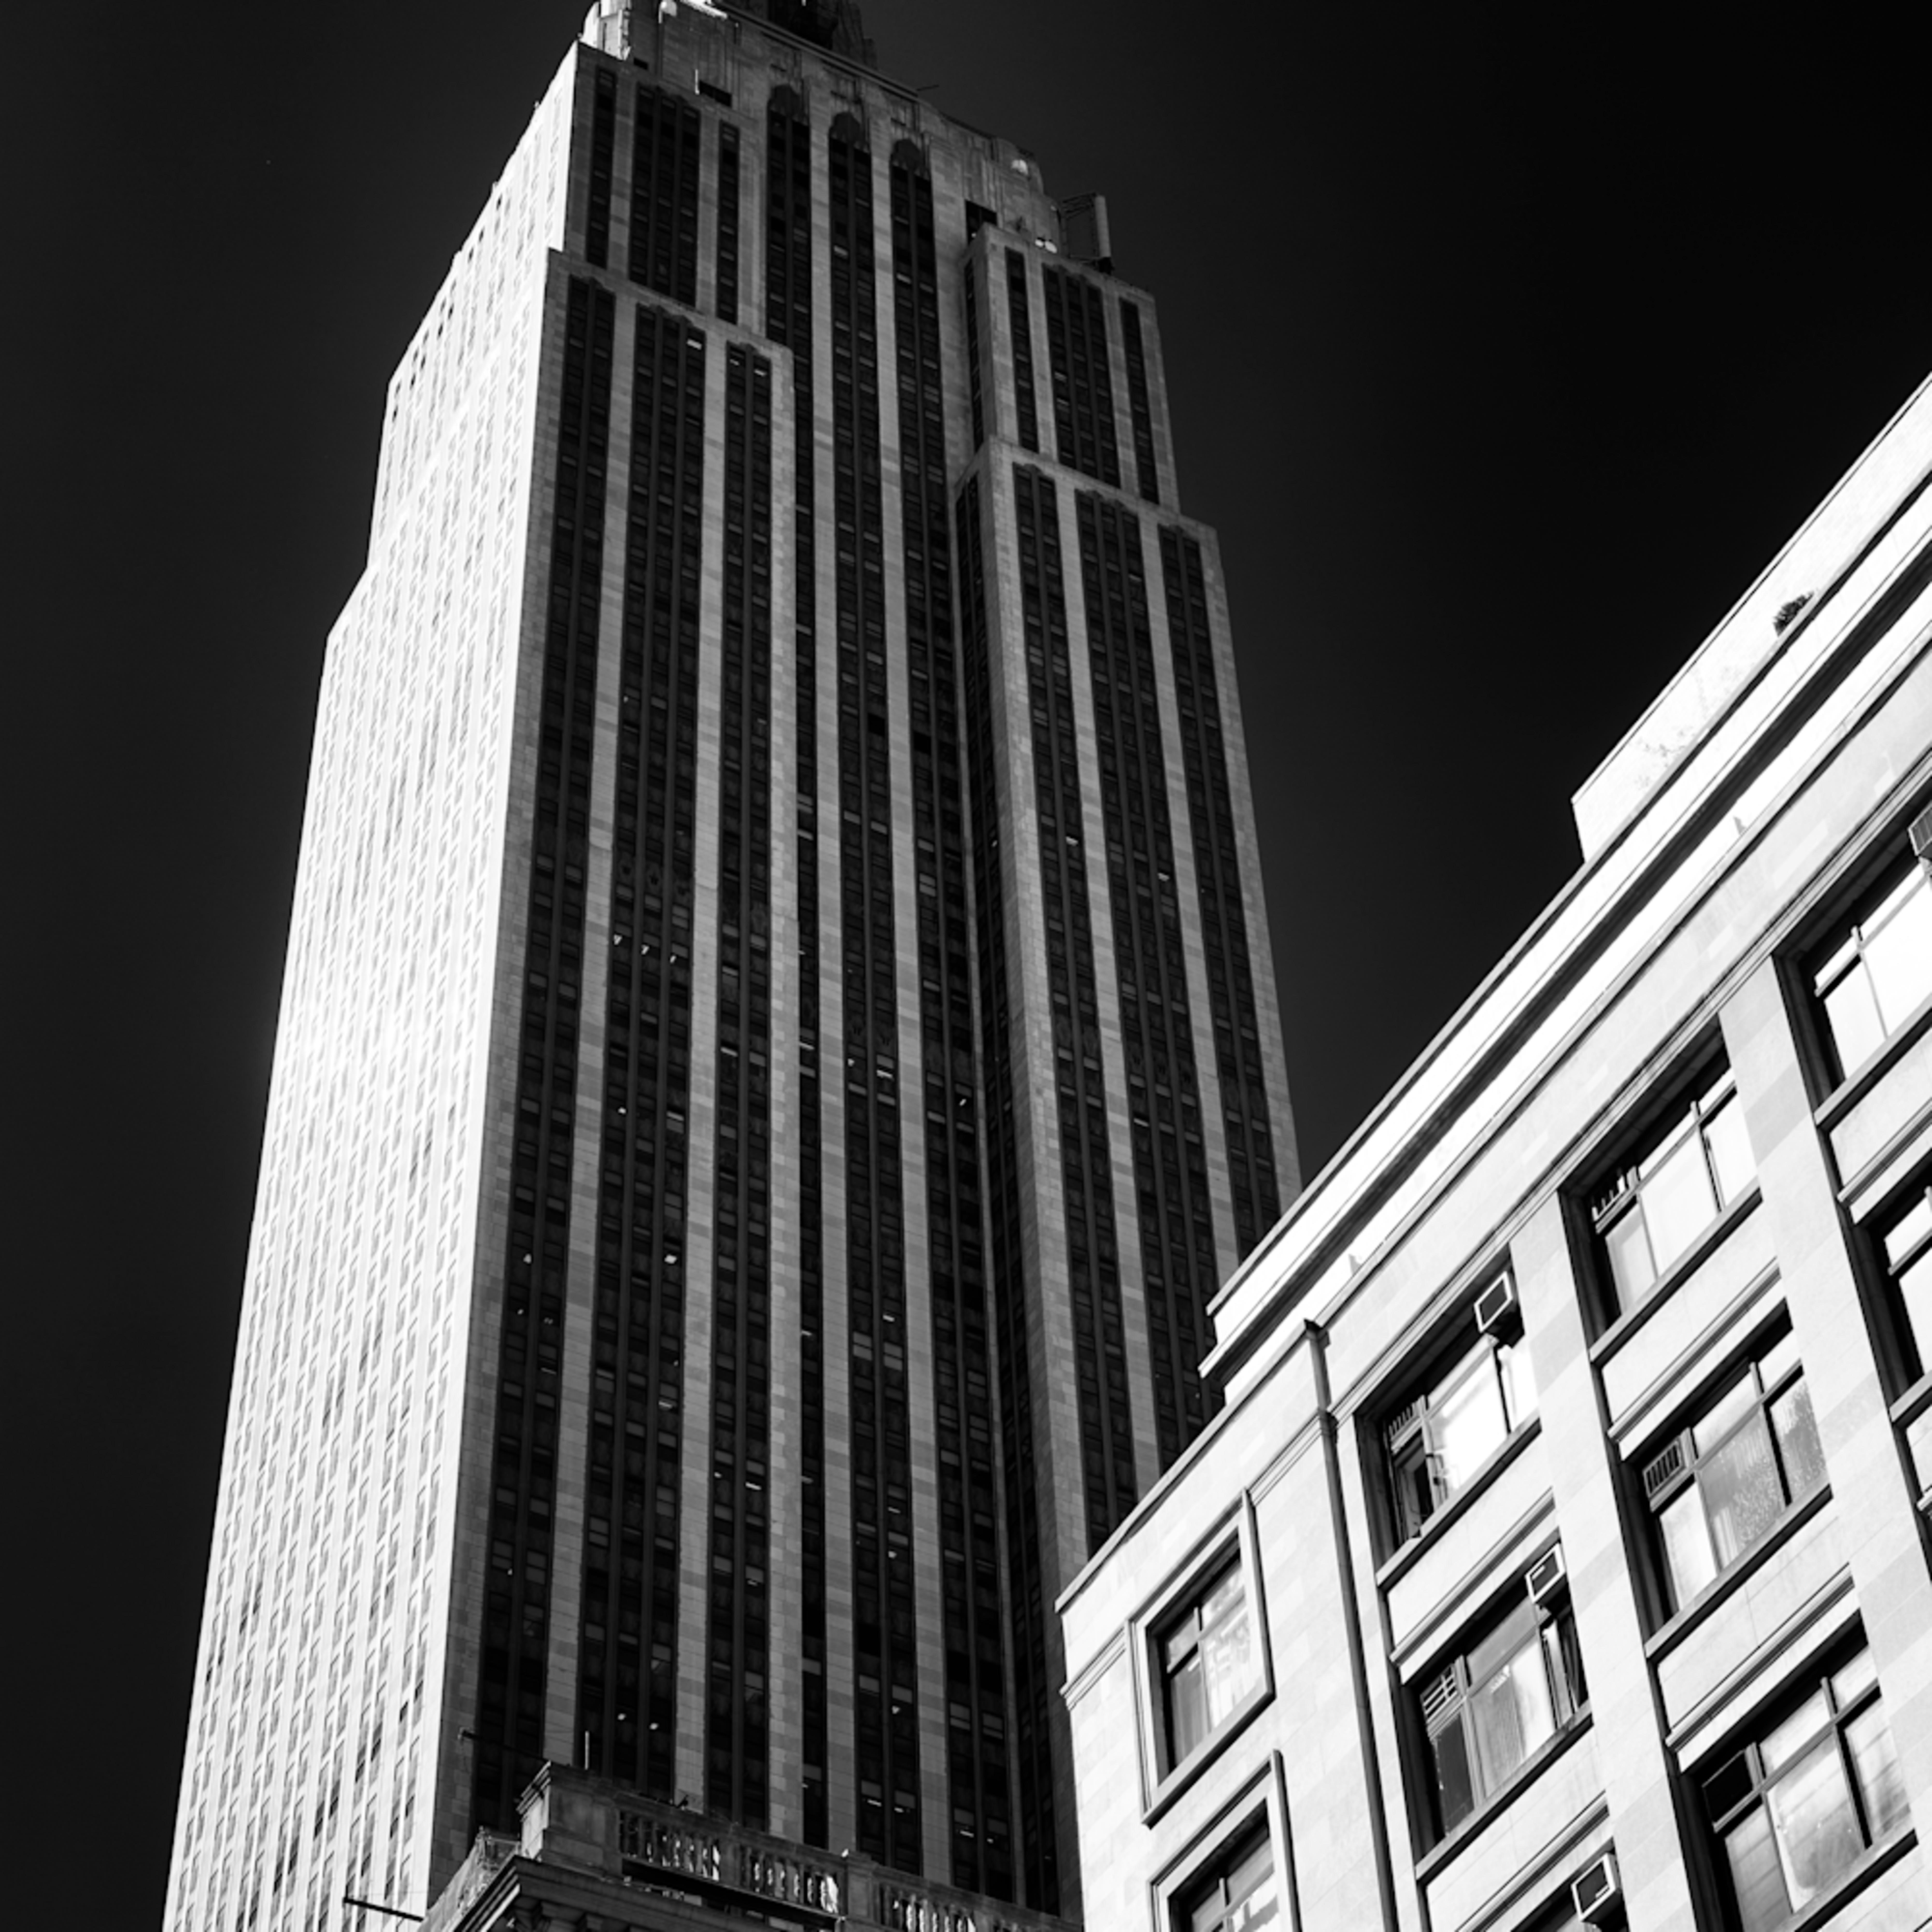 Mbp new york 20120925 2102 2 yfoqr1